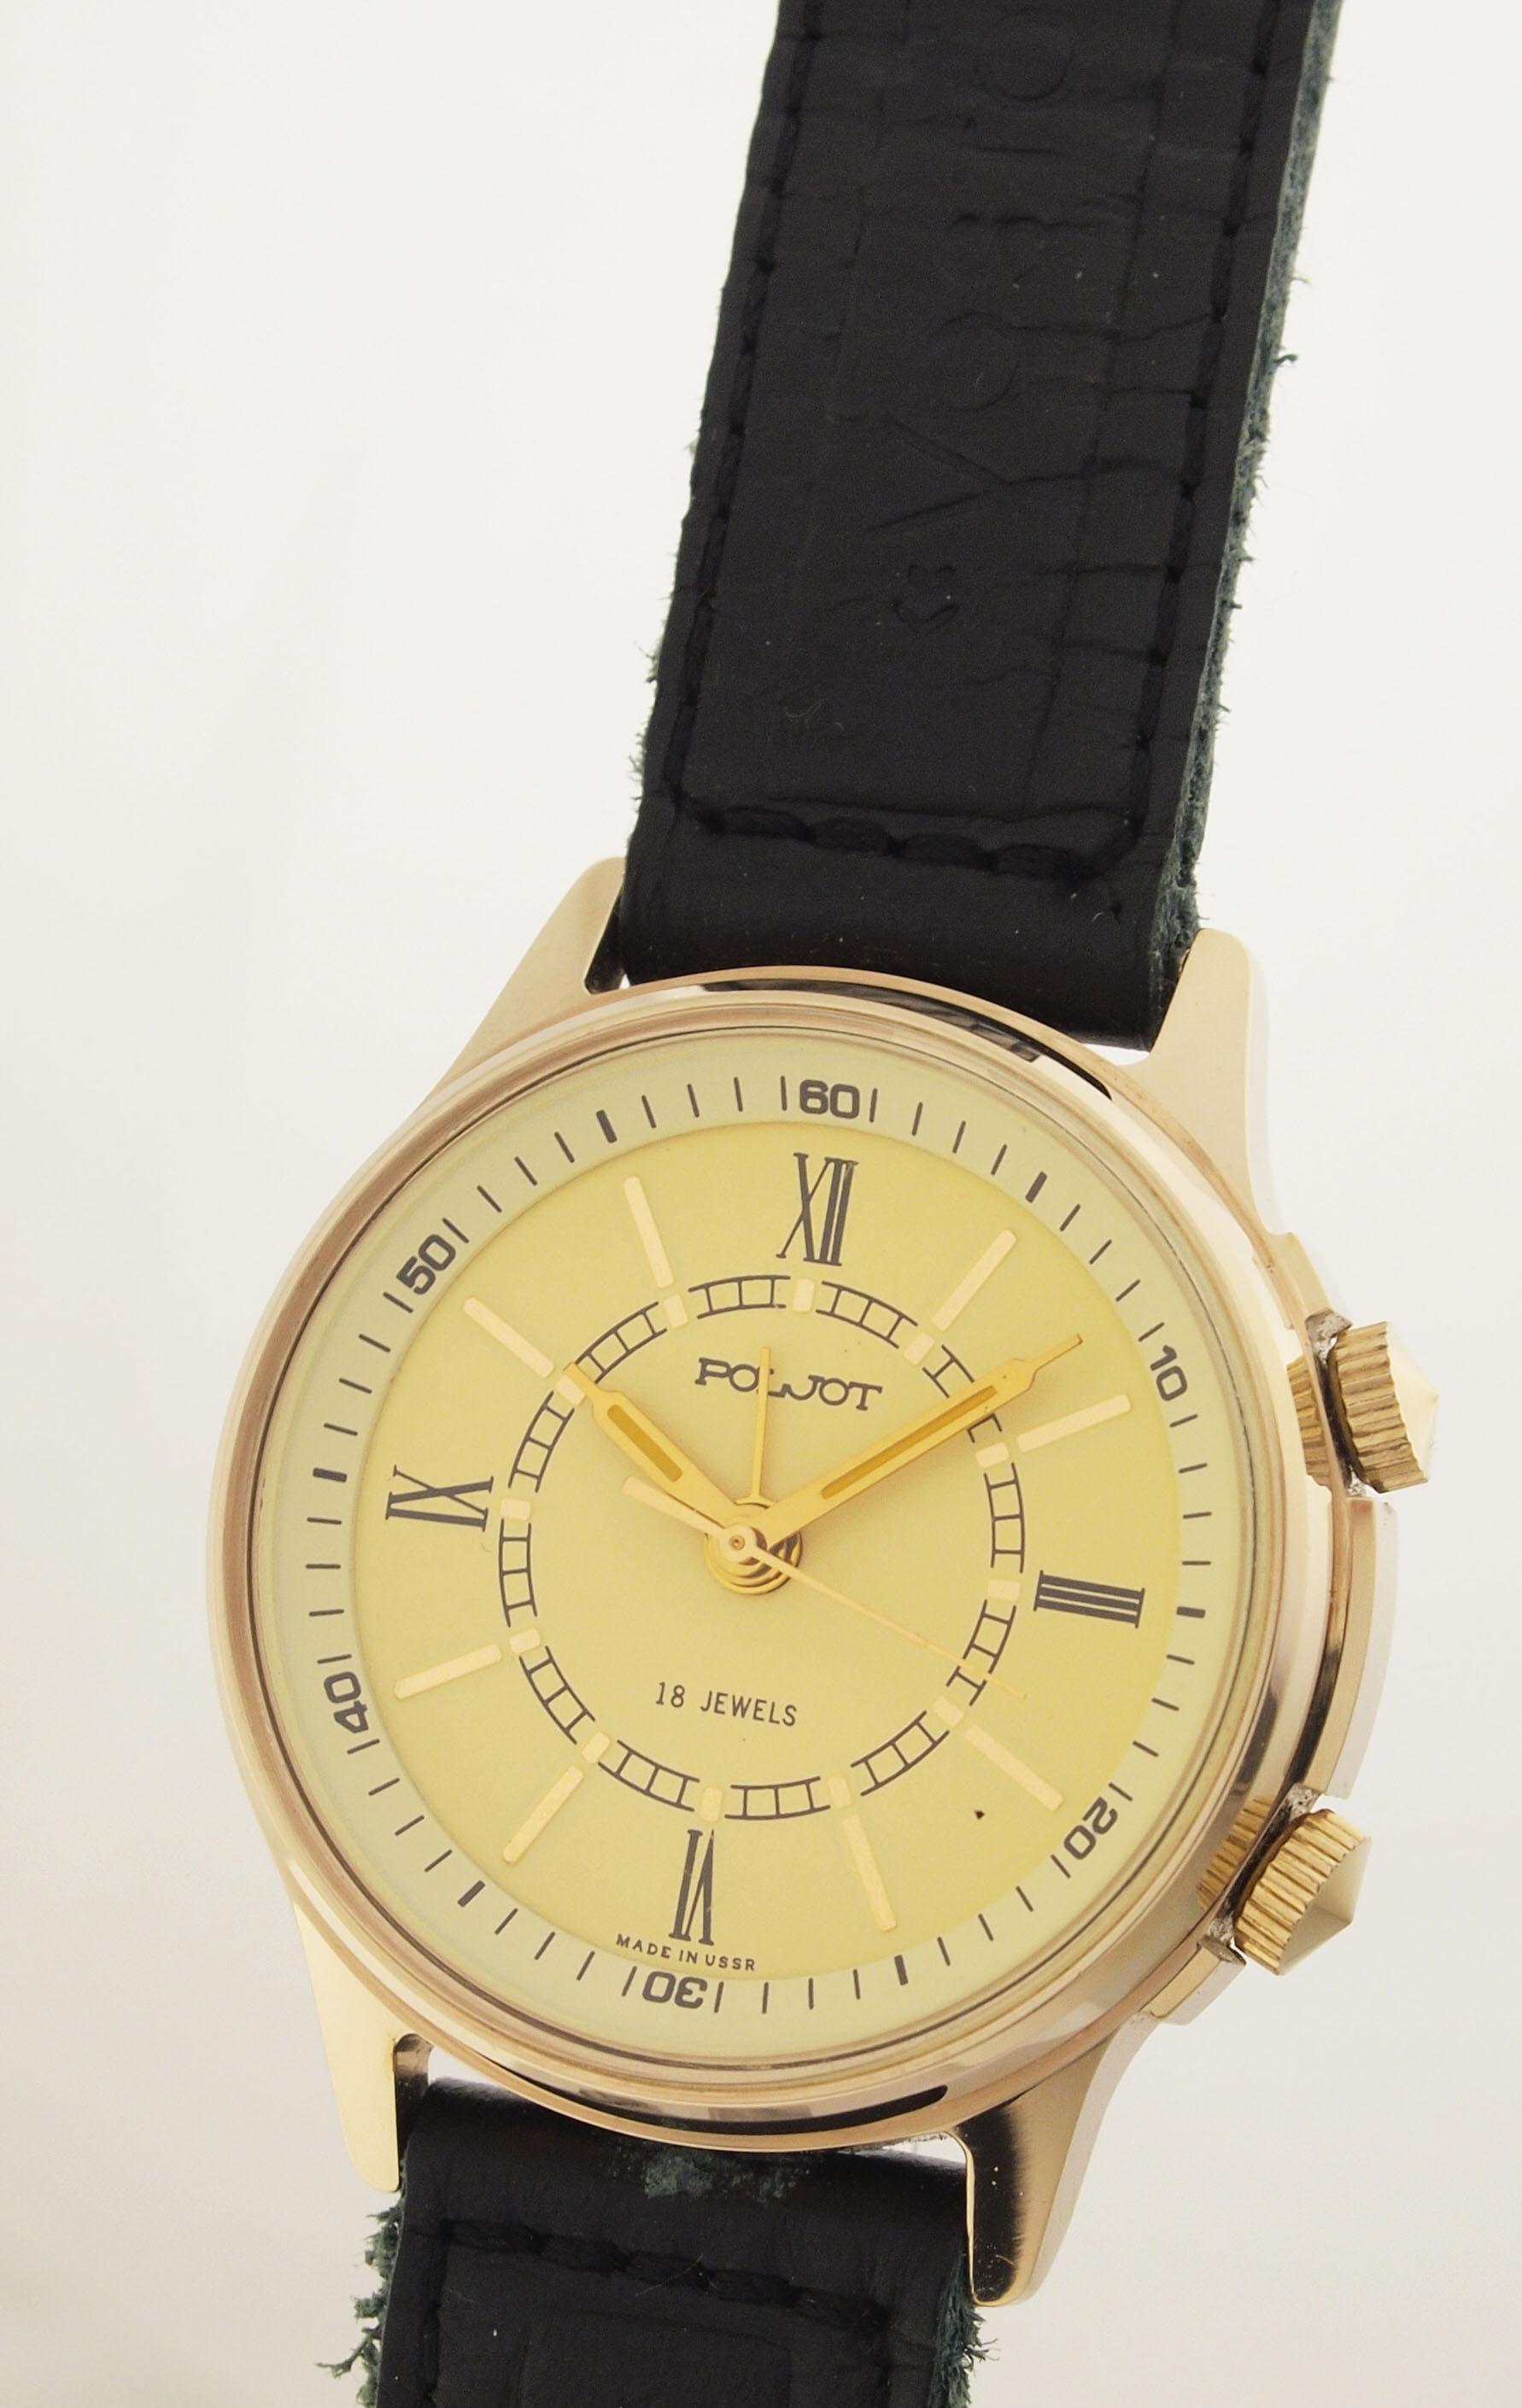 vergoldete poljot armbanduhr mit wecker alarm made in ussr 1970er nos. Black Bedroom Furniture Sets. Home Design Ideas